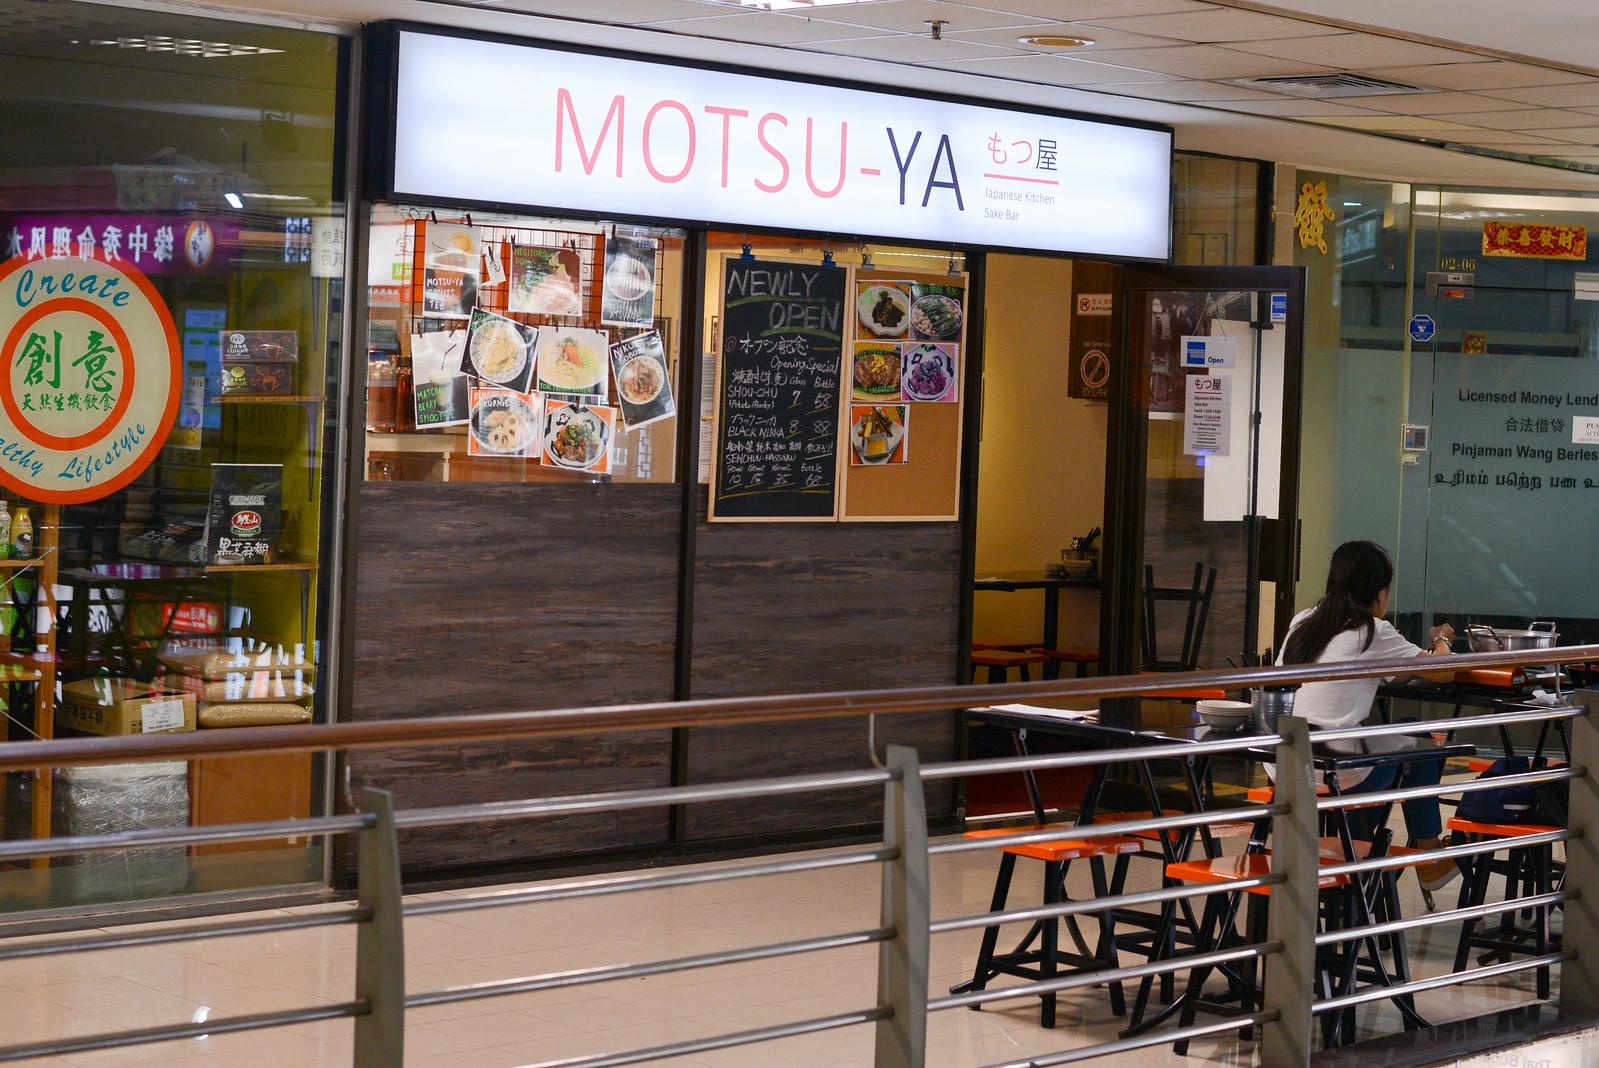 Motsu Ya数码相机_-1